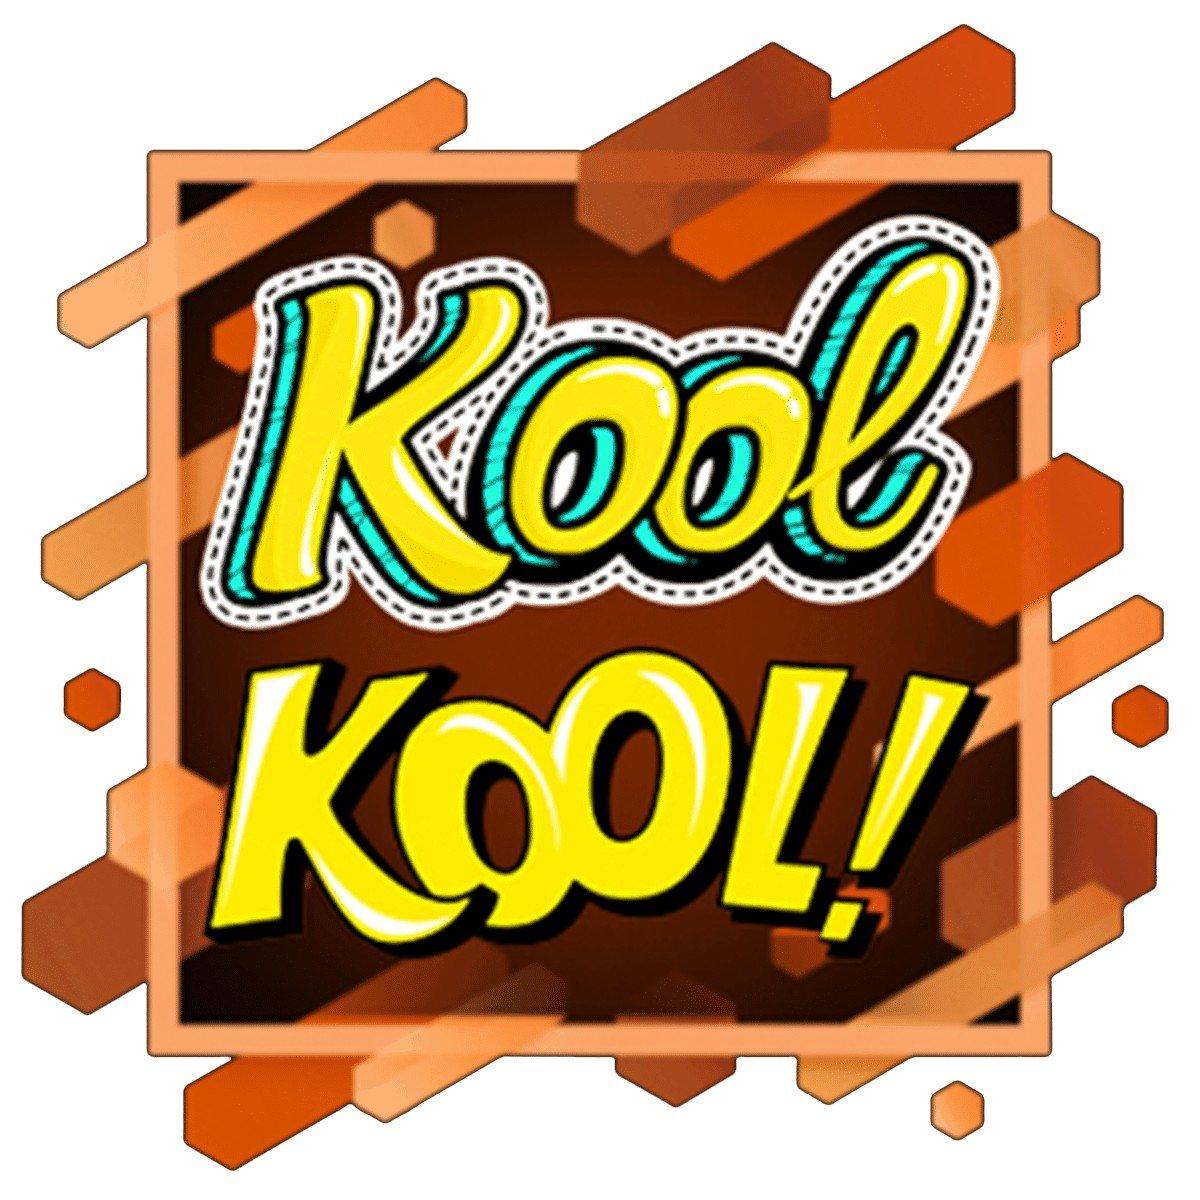 Kool-Kool